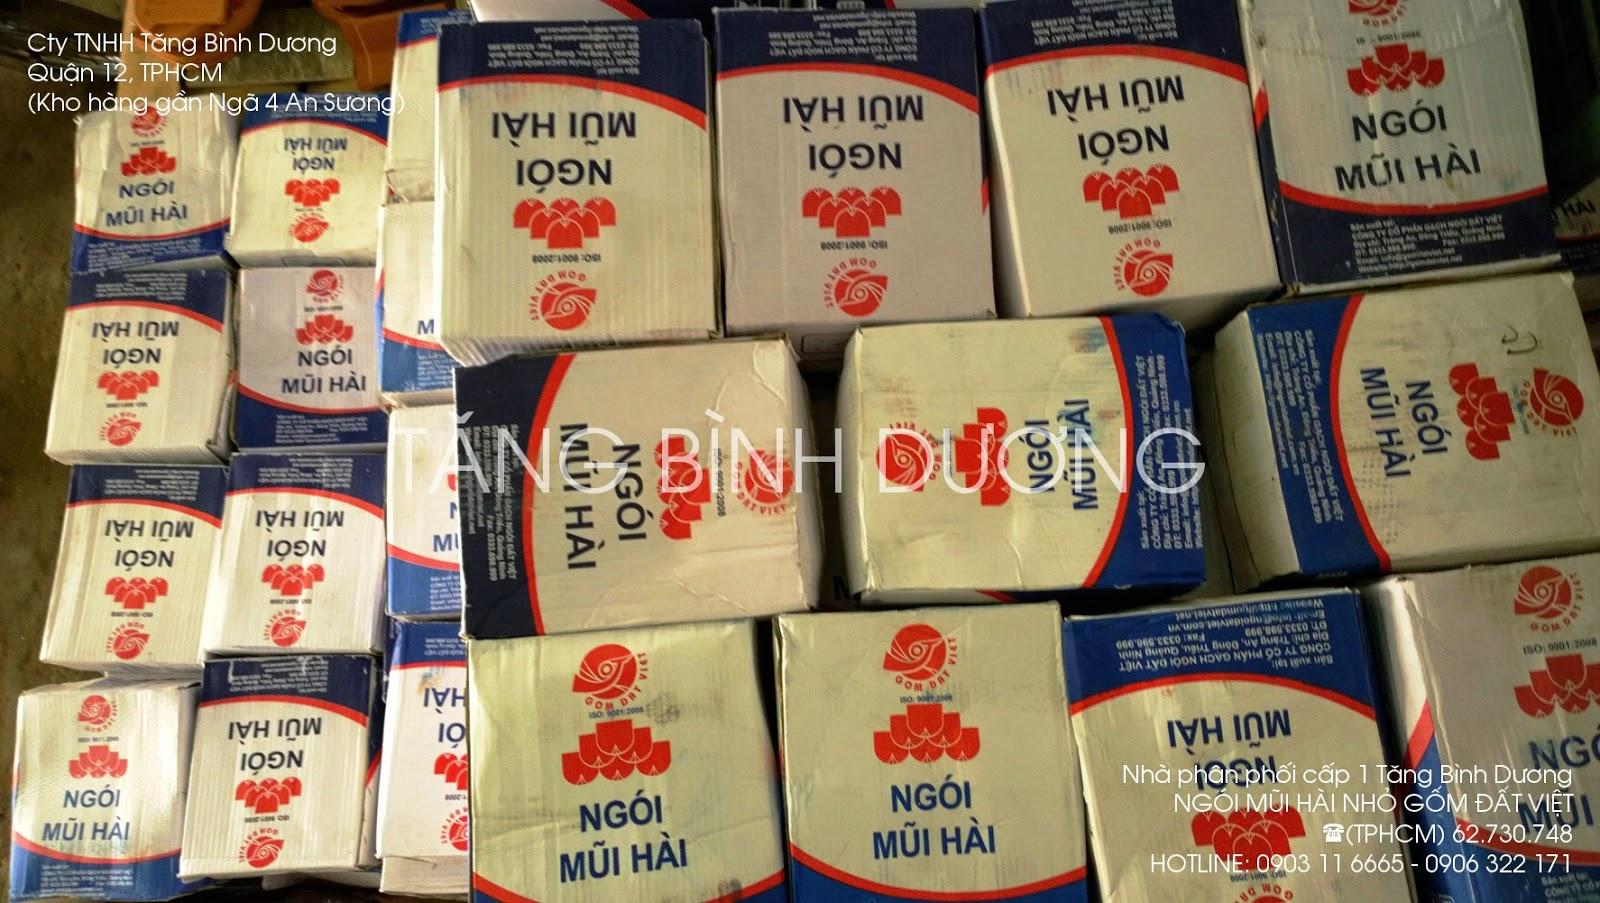 Ngói mũi hài Gốm Đất Việt trong kho hàng